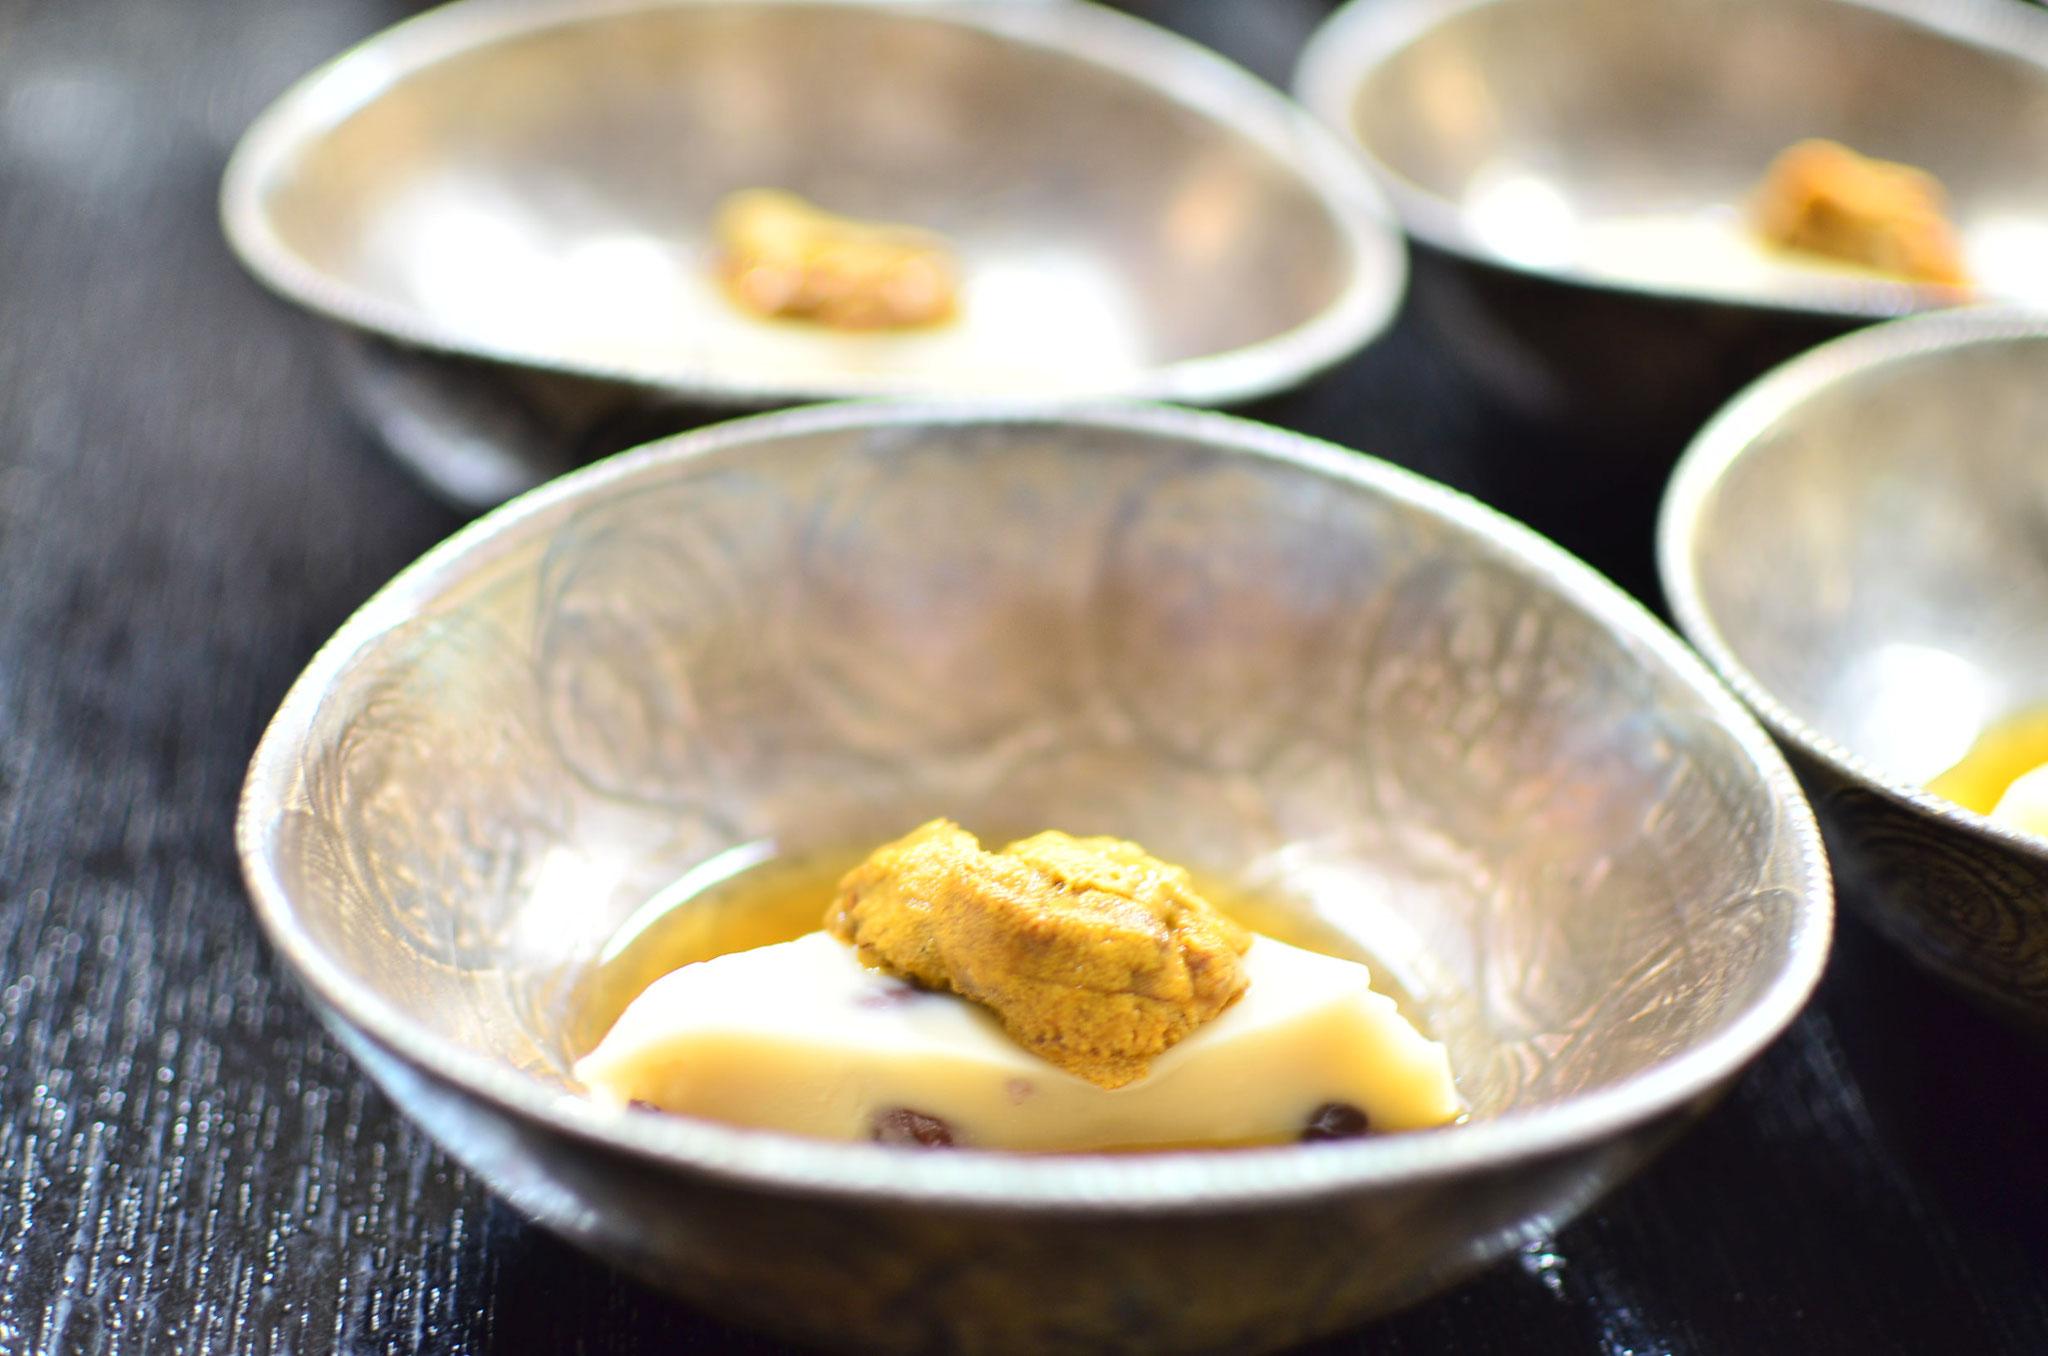 水無月の先付けは、網野産ウニをのせた水無月豆腐